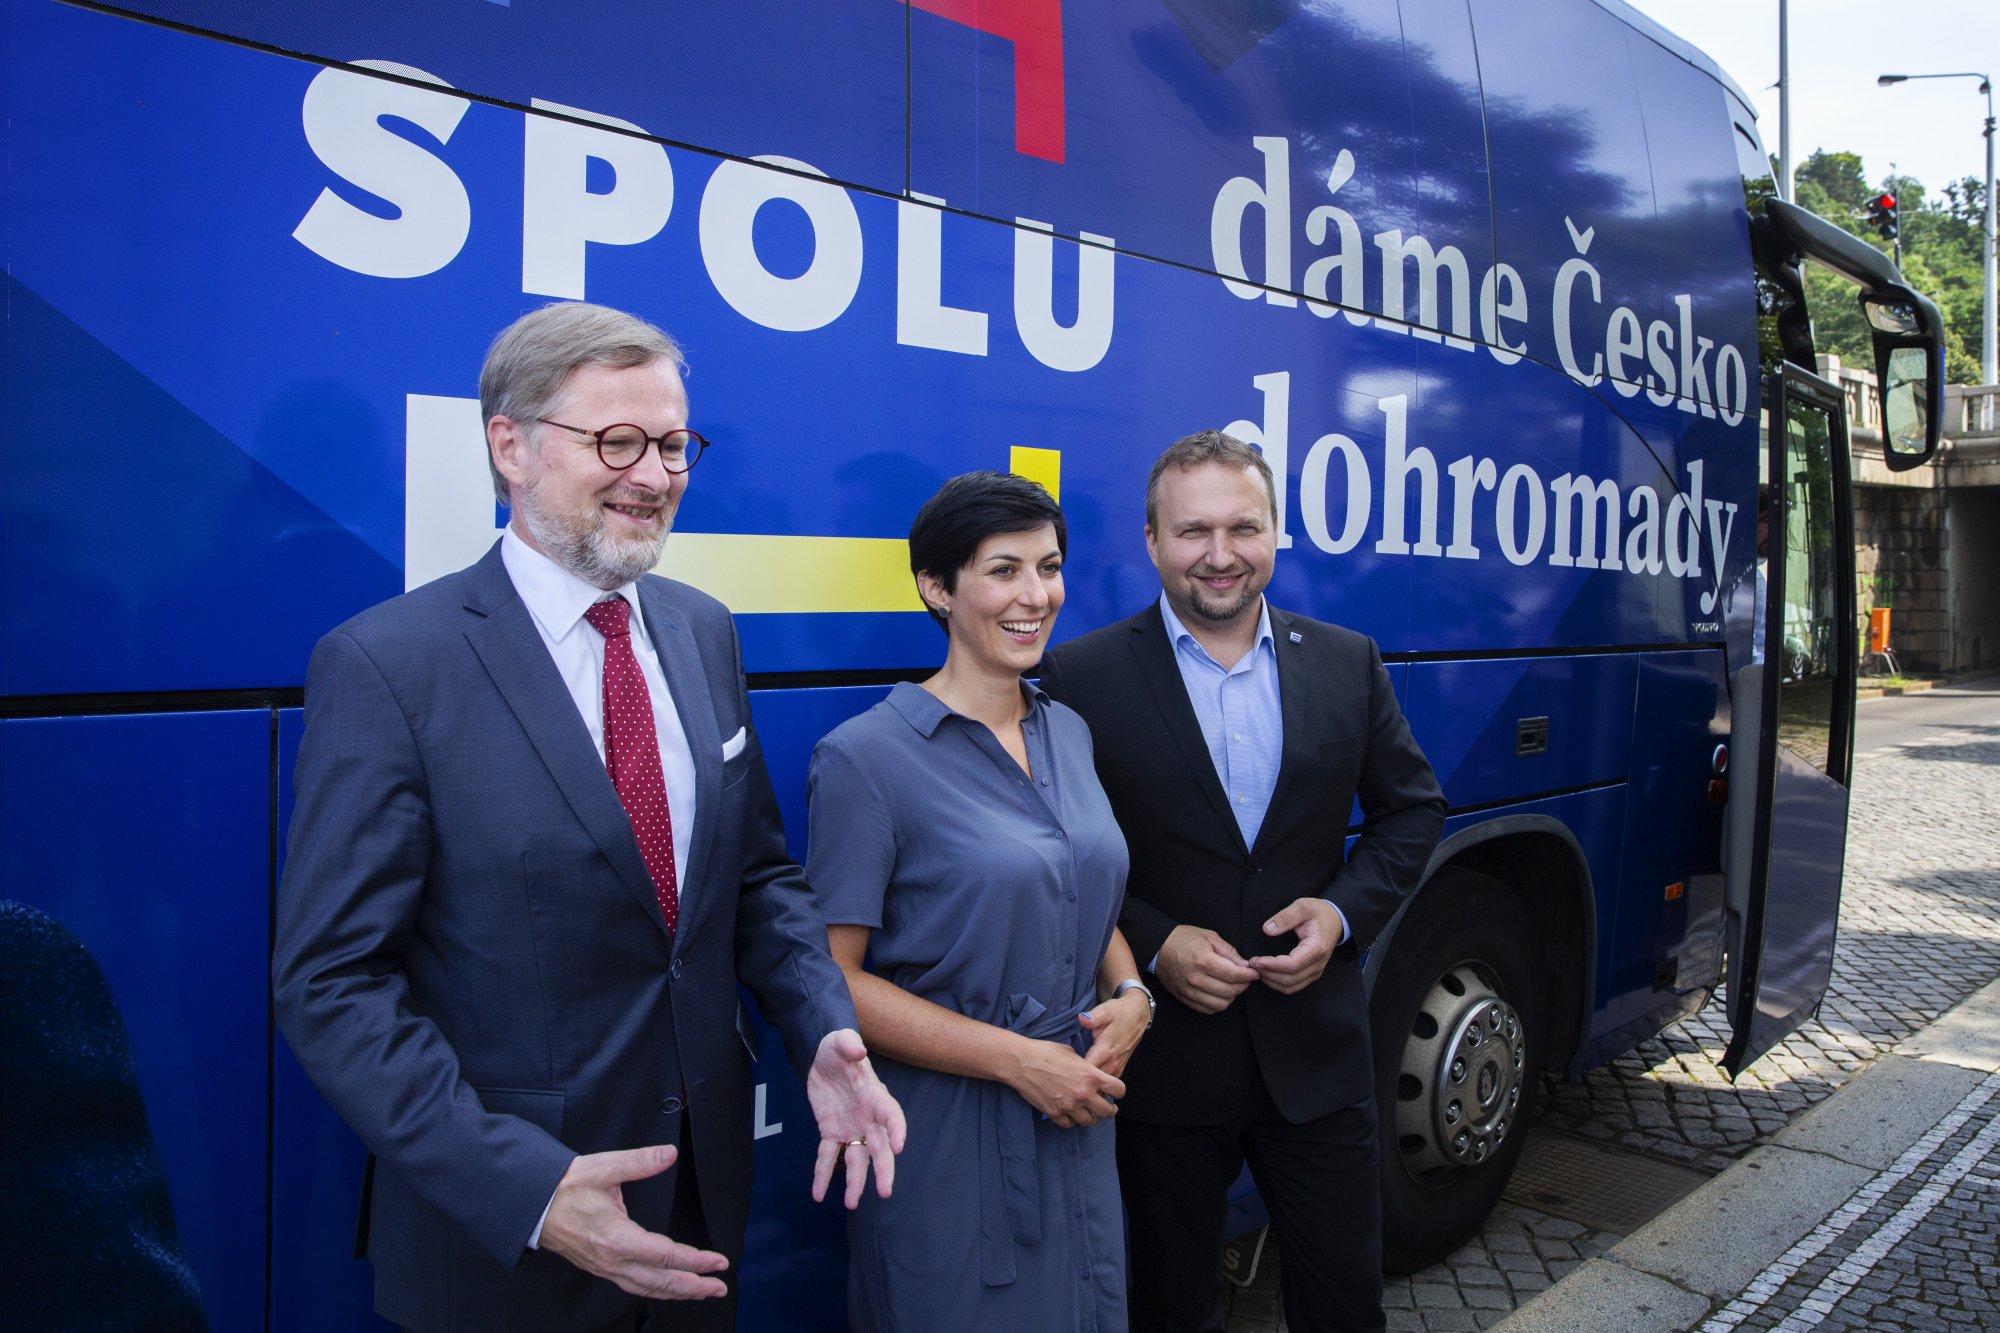 Vláda ustoupila tlaku koalice SPOLU, poslanci stáhnou návrh na mimořádnou schůzi Sněmovny